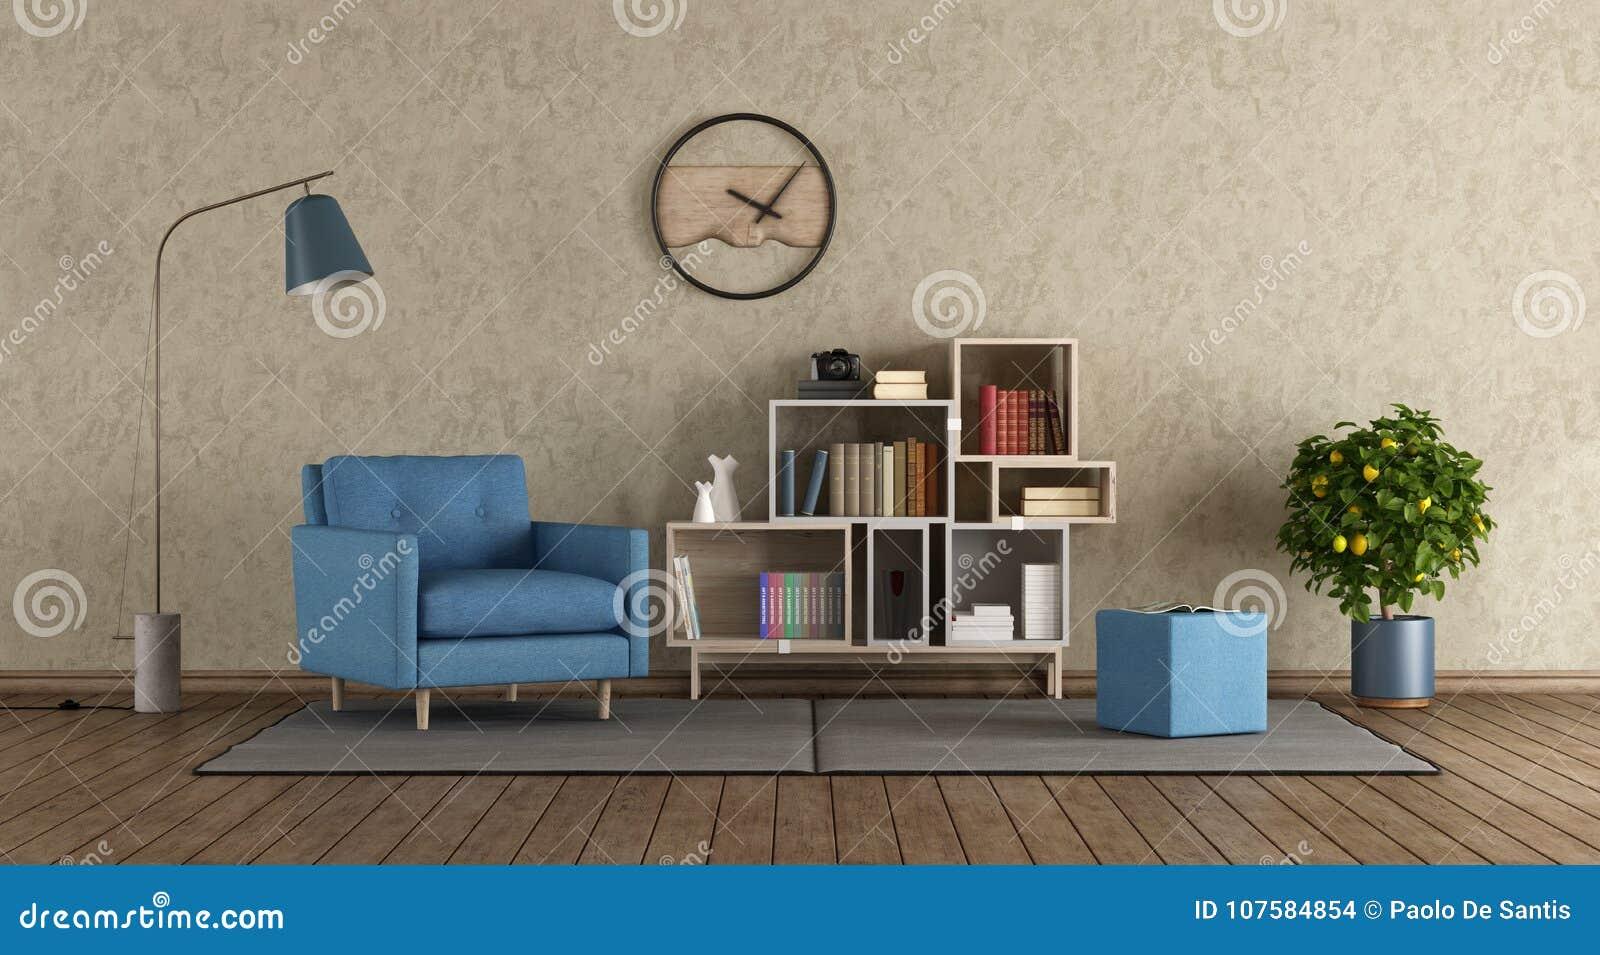 Poltrone Per Salotto Moderne.Poltrona Blu In Salotto Moderno Illustrazione Di Stock